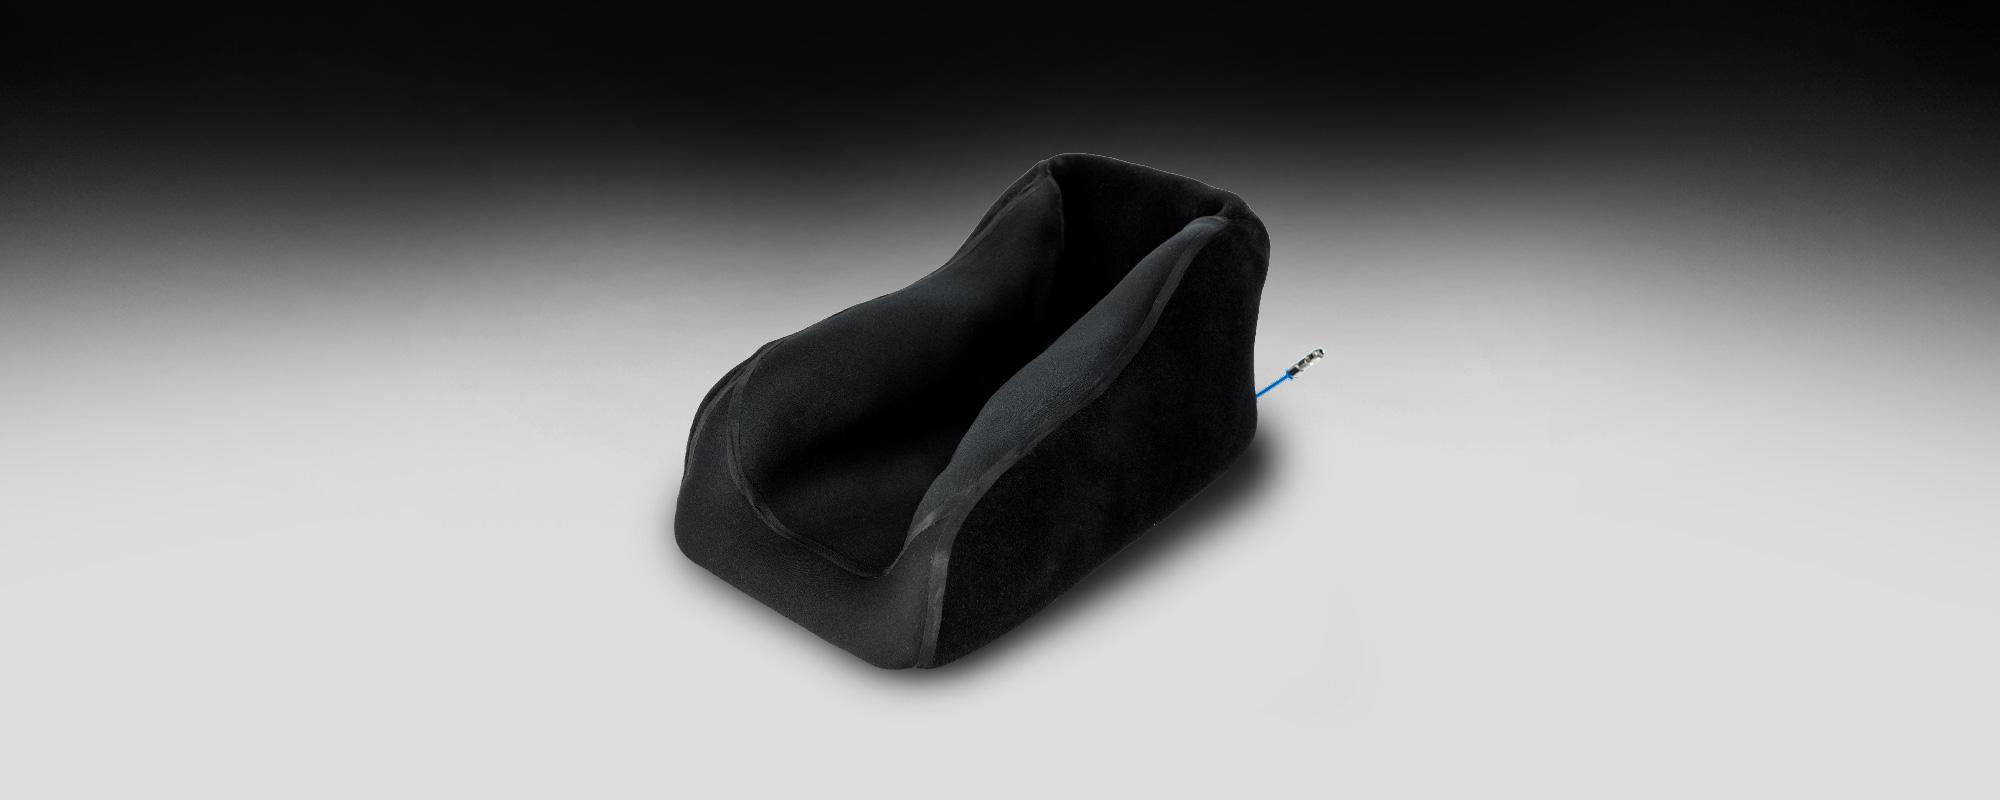 Деротационный сапожок фиксатор голеностопного сустава BodyMap G